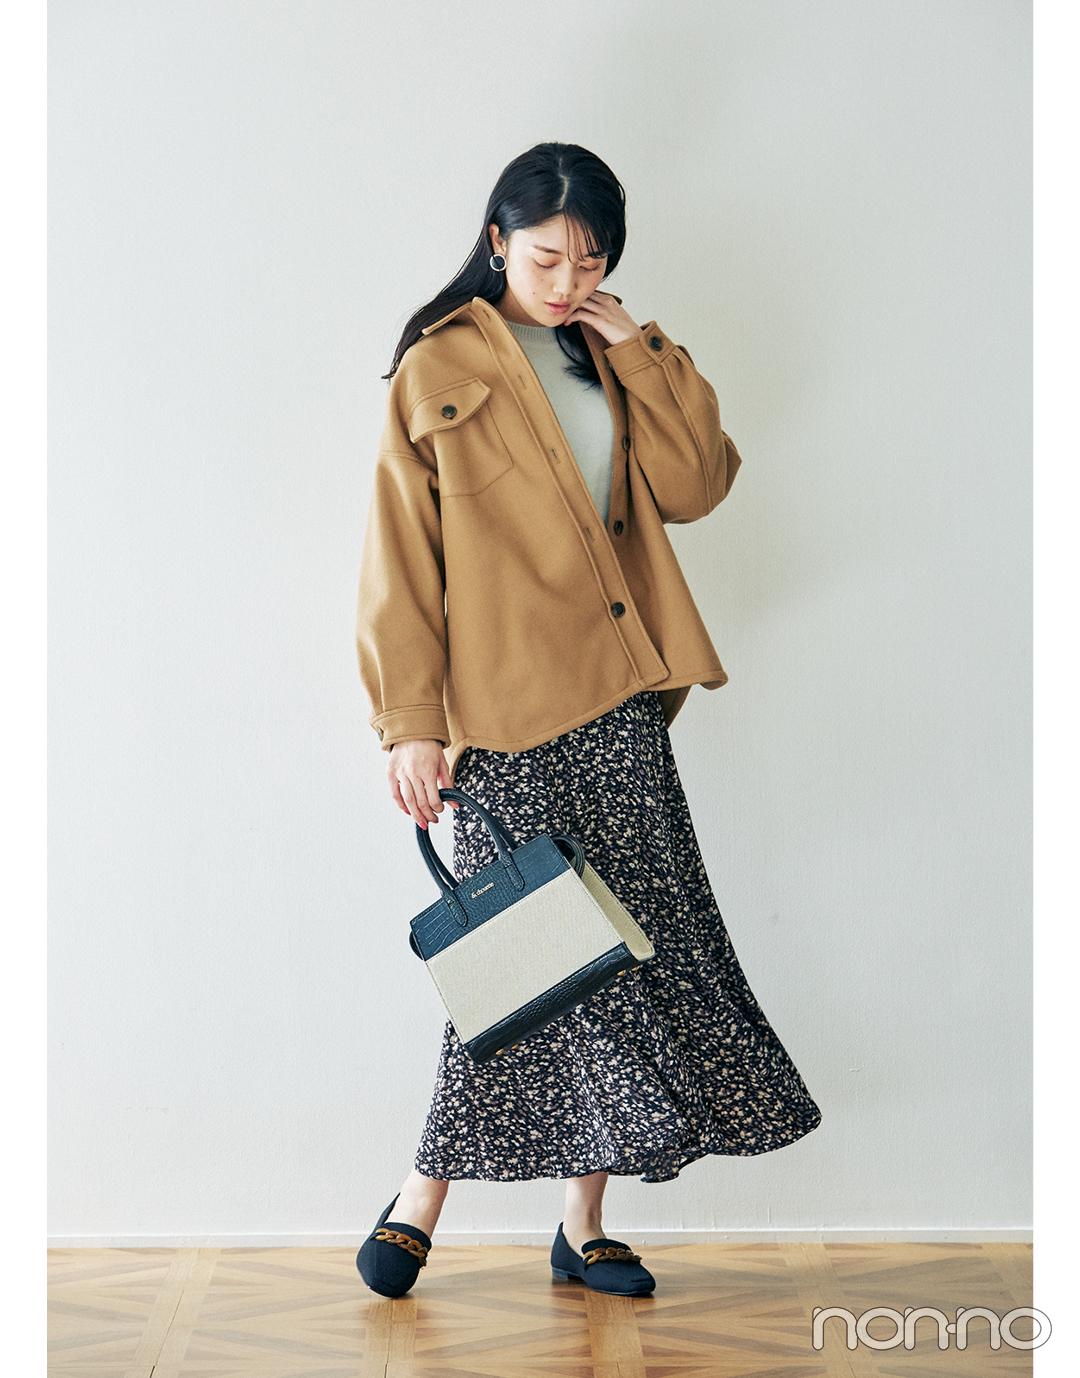 2月~3月の体感寒い日&暖かい日、小花柄スカートはこんなに使える!_1_3